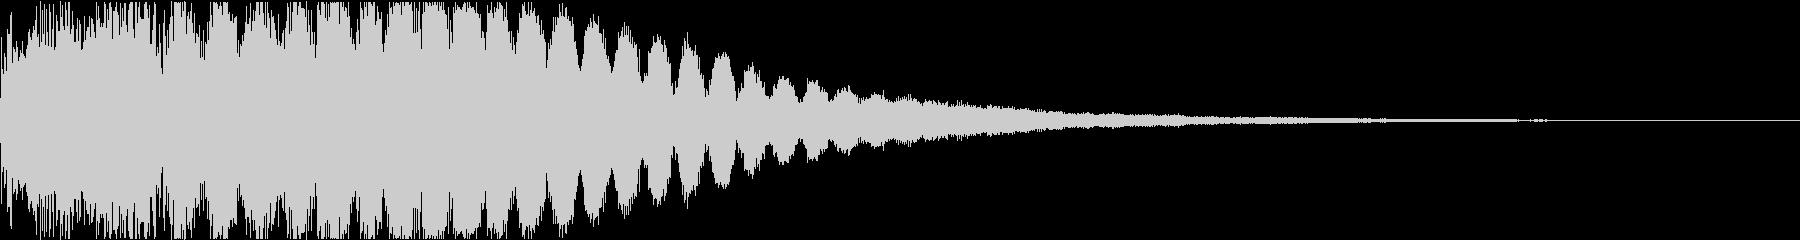 キュイン ギュイーン シャキーン 05の未再生の波形